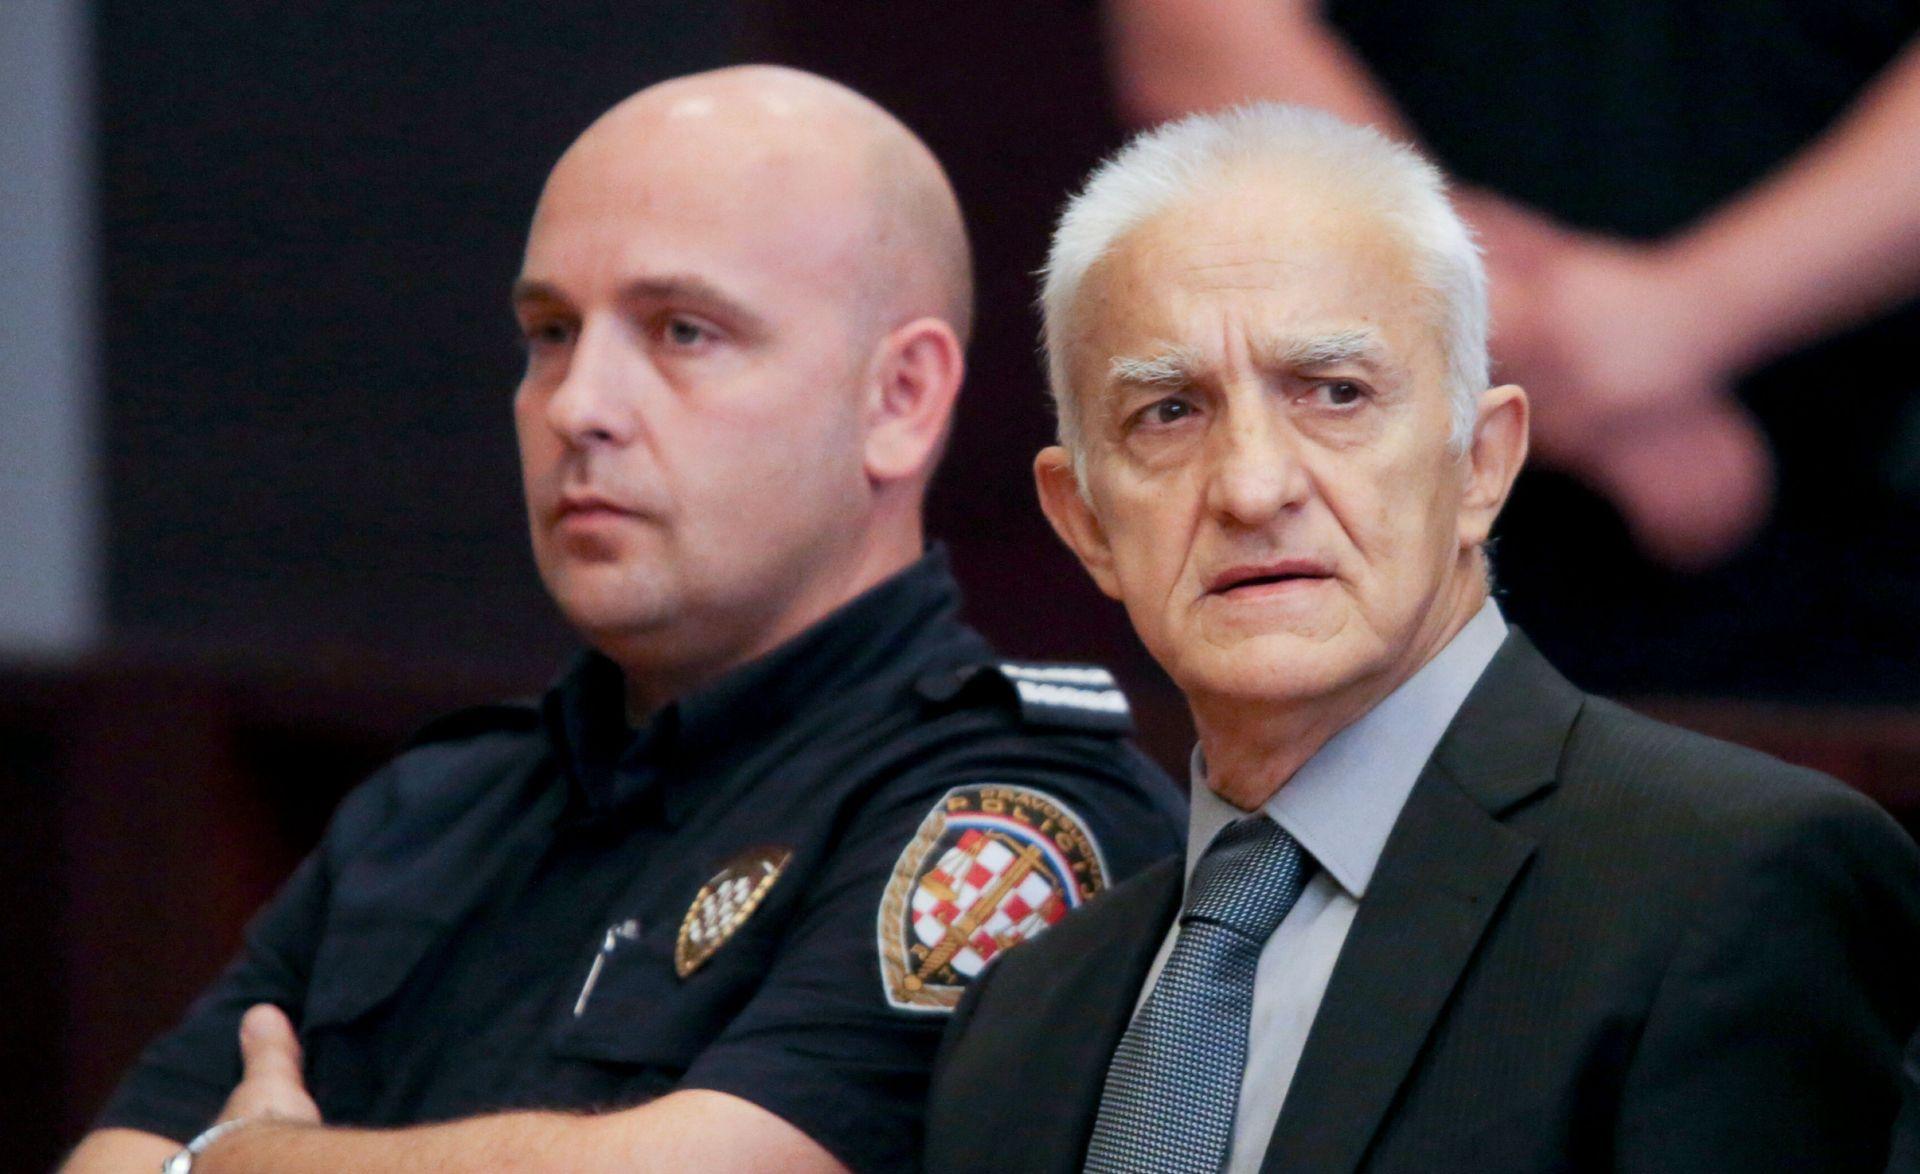 SVJEDOČI NOVINAR NACIONALA: 'Kapetan Dragan odgovara za ubojstvo mog kolege'